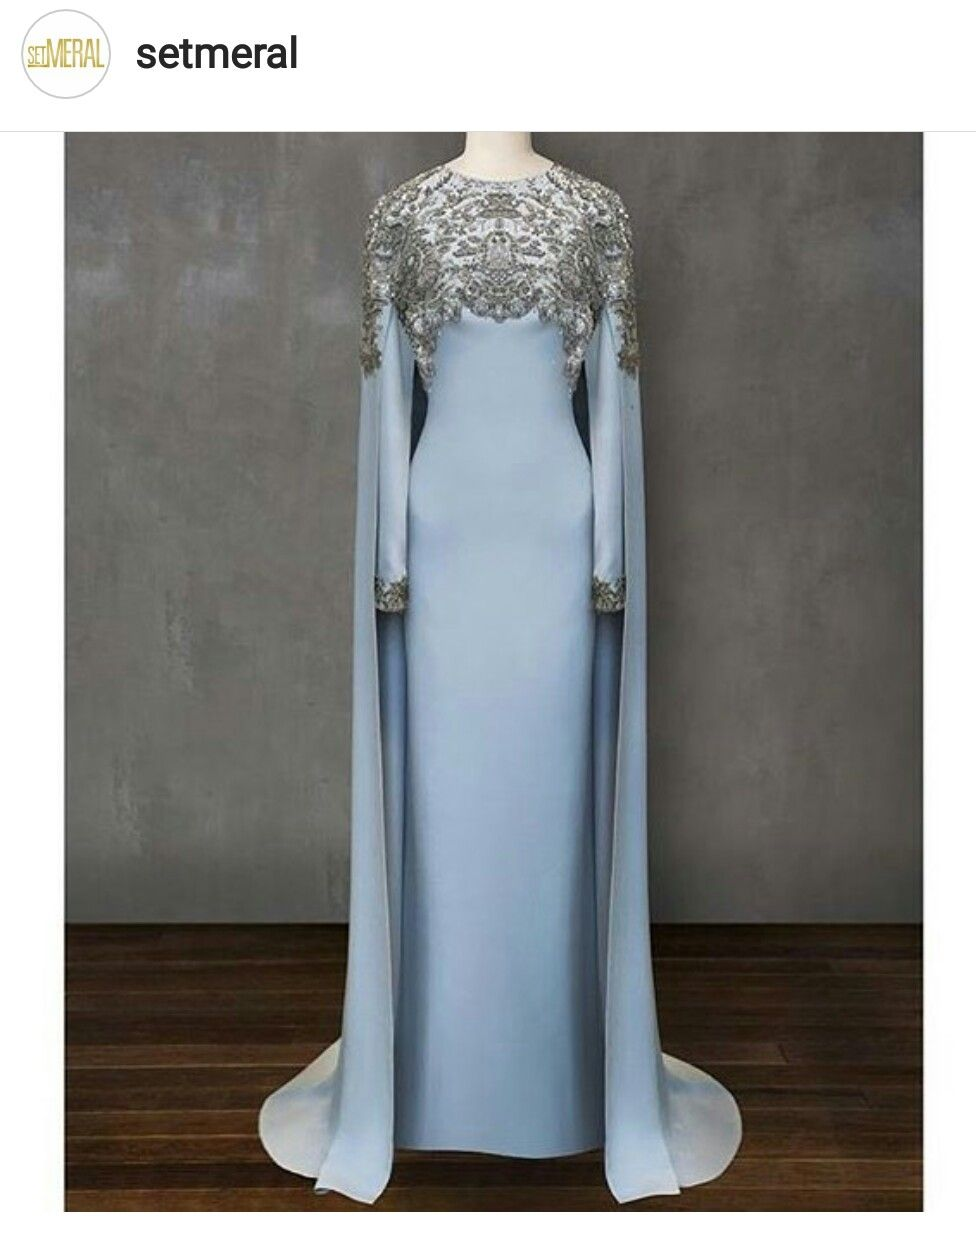 Giyim tesettür elbise abiye kleding pinterest gowns